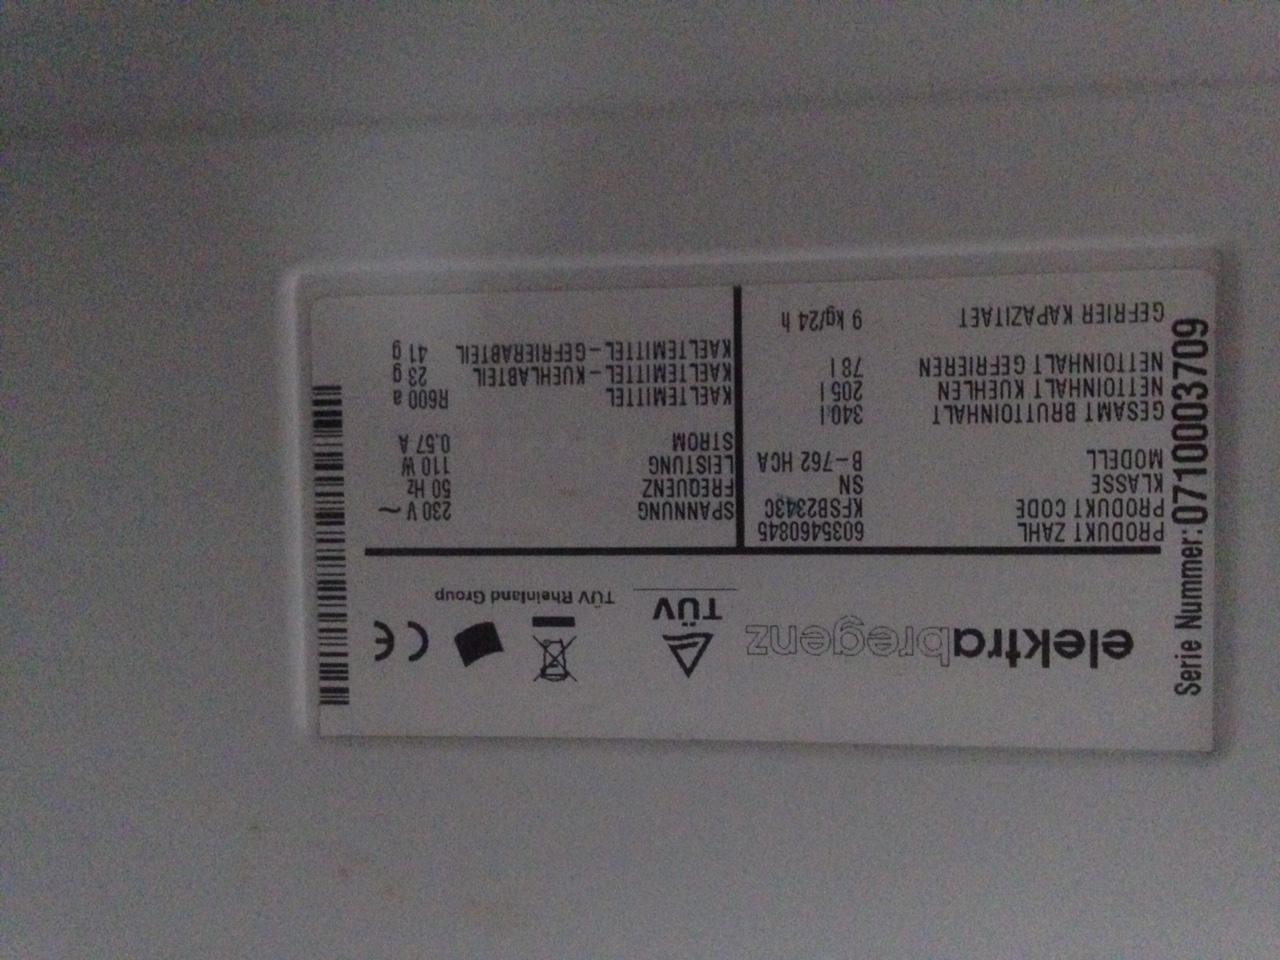 Bosch Kühlschrank Tür Wechseln : Ich bräuchte hilfe mit meinem elektra bregenz kühlschrank